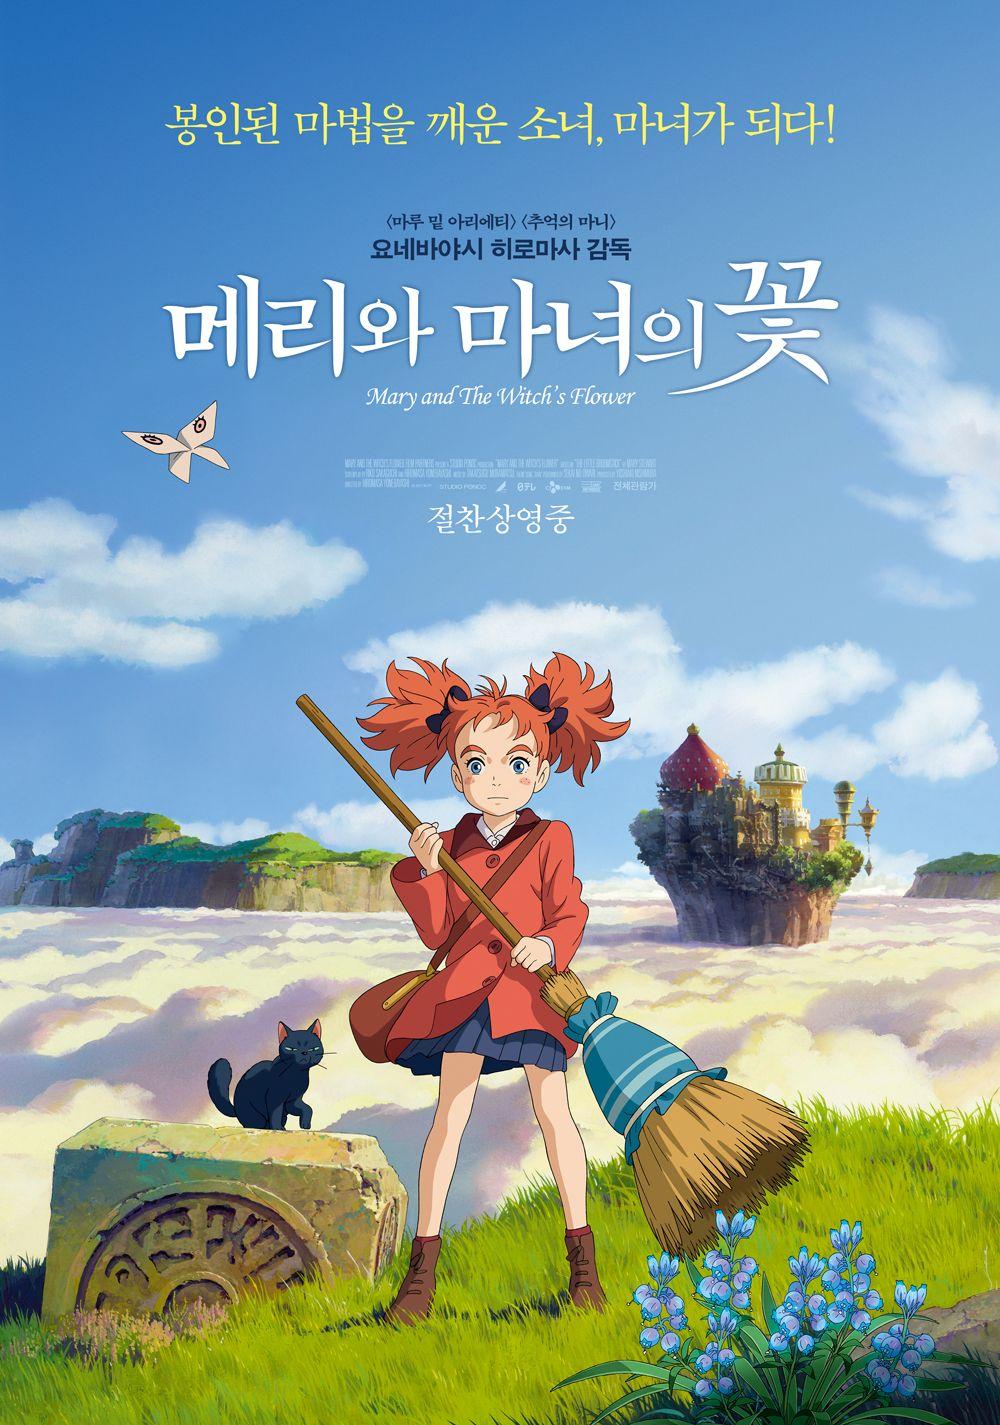 메리와 마녀의 꽃 (2017) 영화 포스터, 기블리, 새 영화